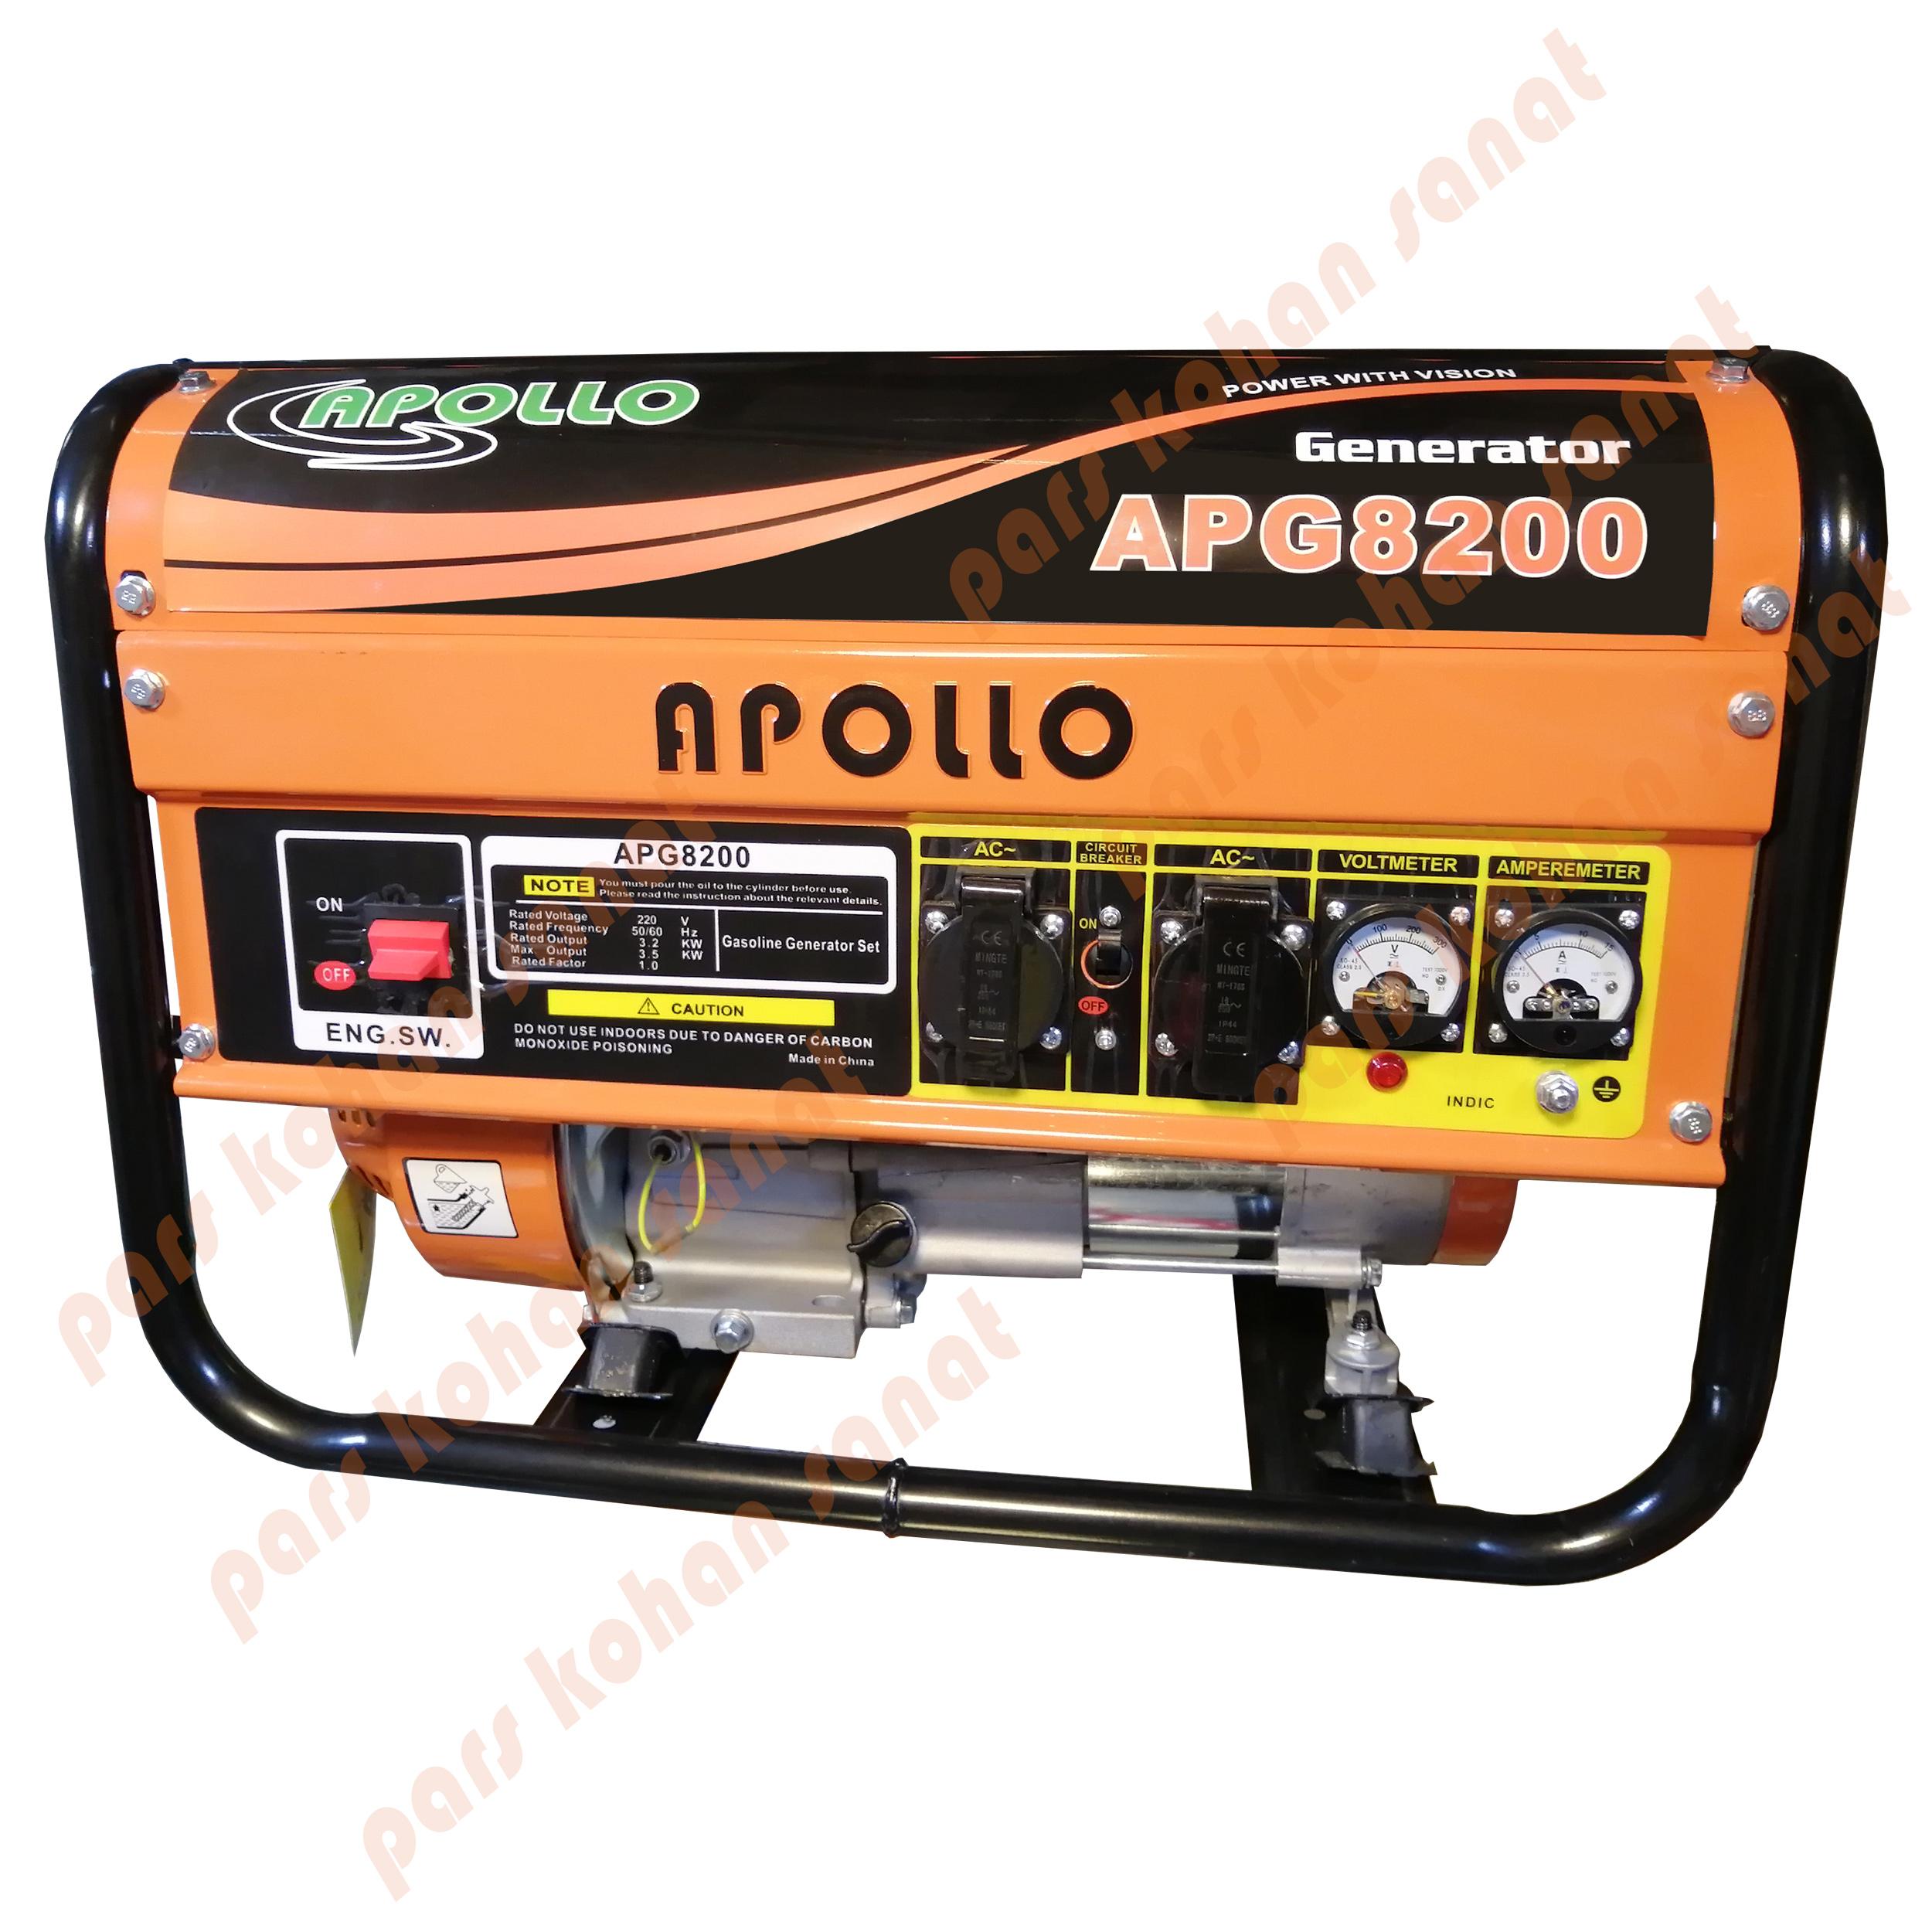 موتور برق آپلو مدل APG8200